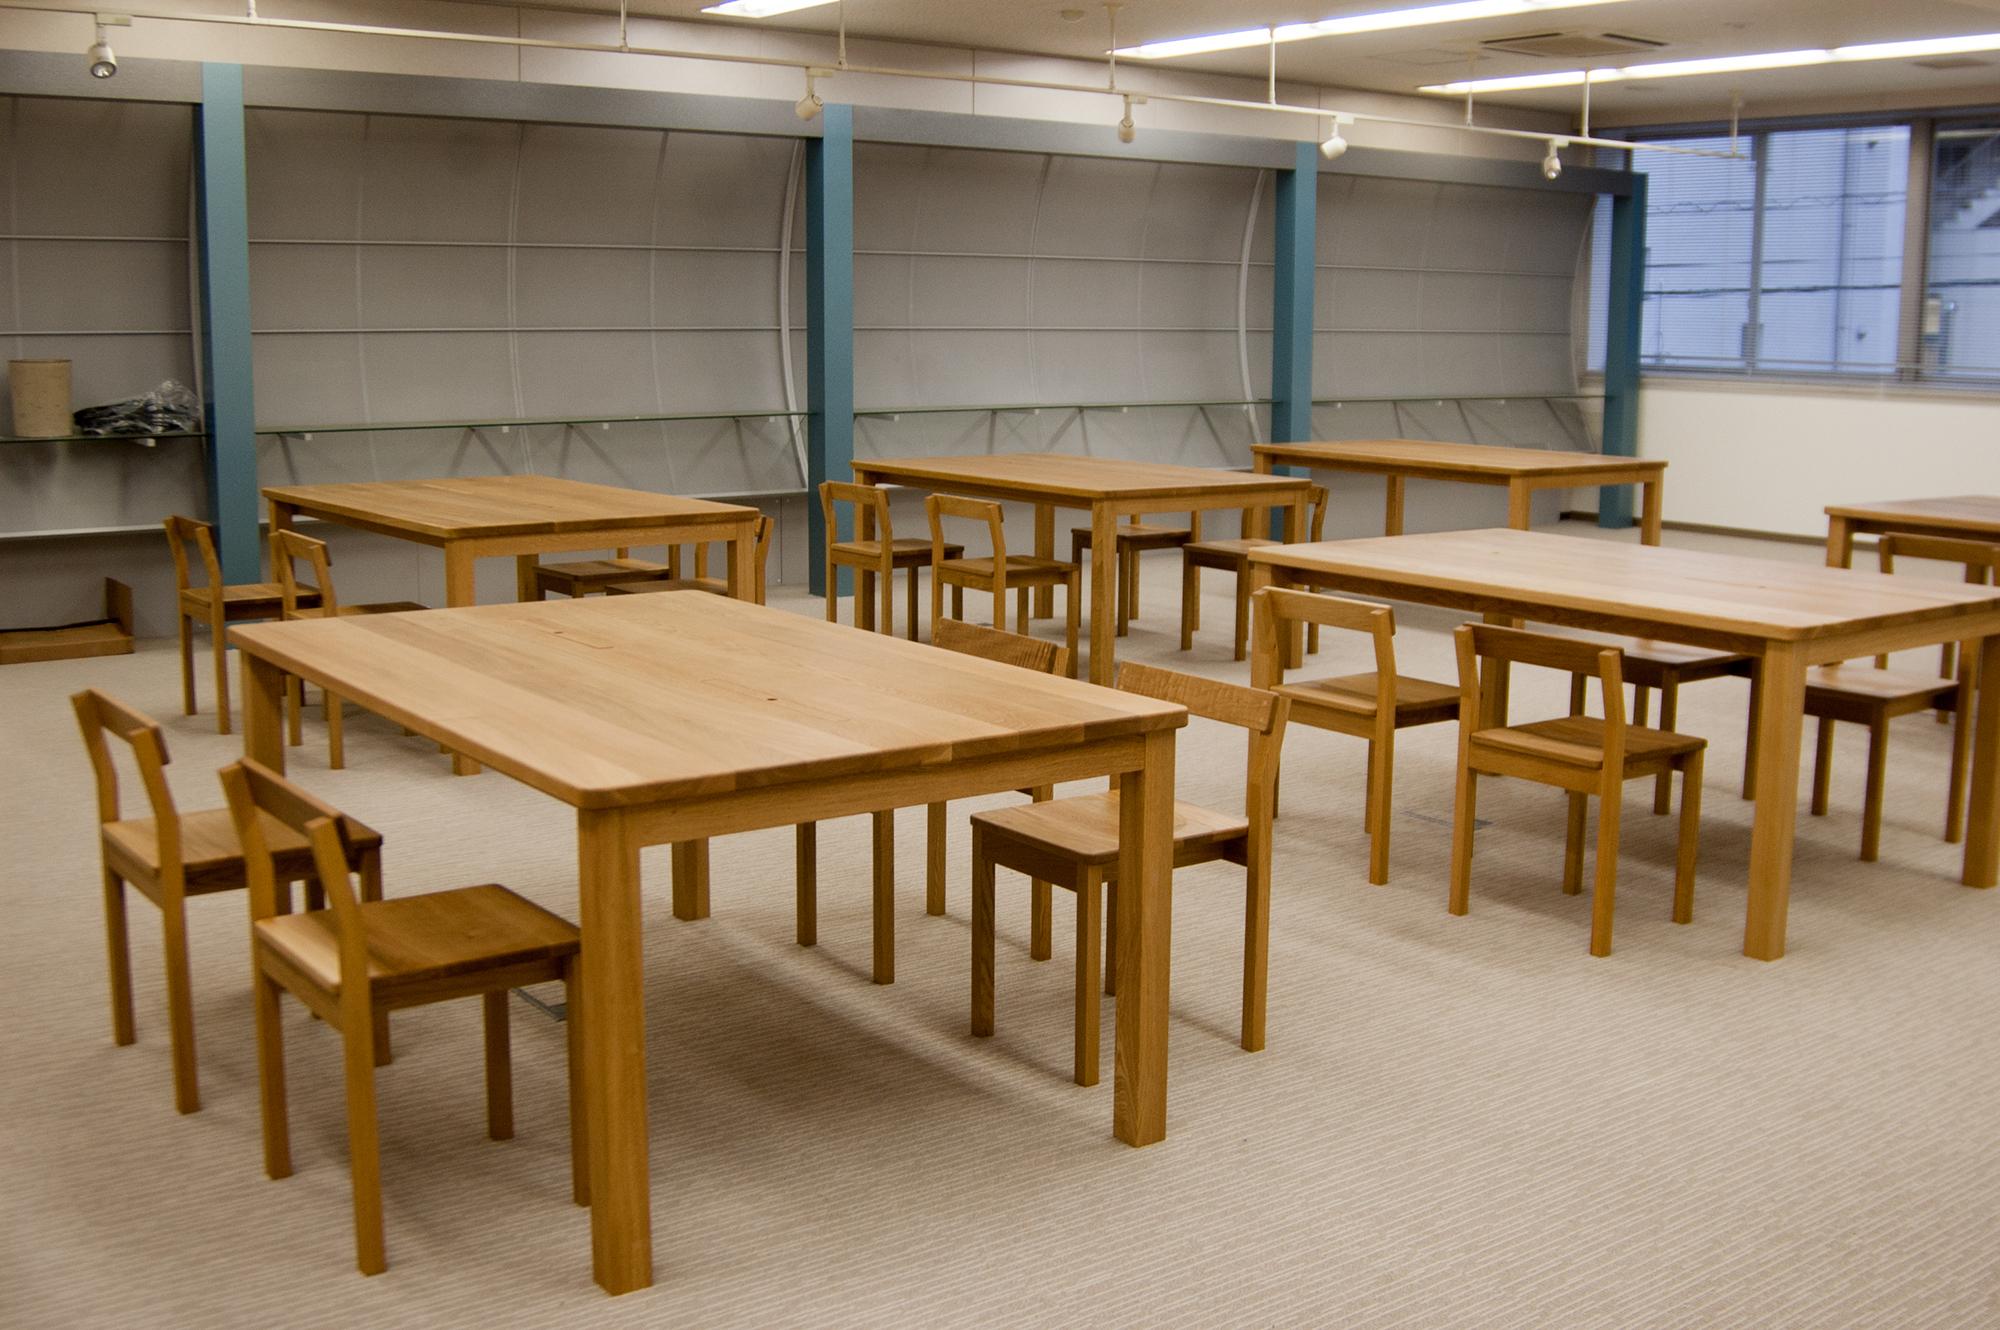 YKK(株)様 ものづくり館のための作業テーブルとスタッキングチェアご納品の様子